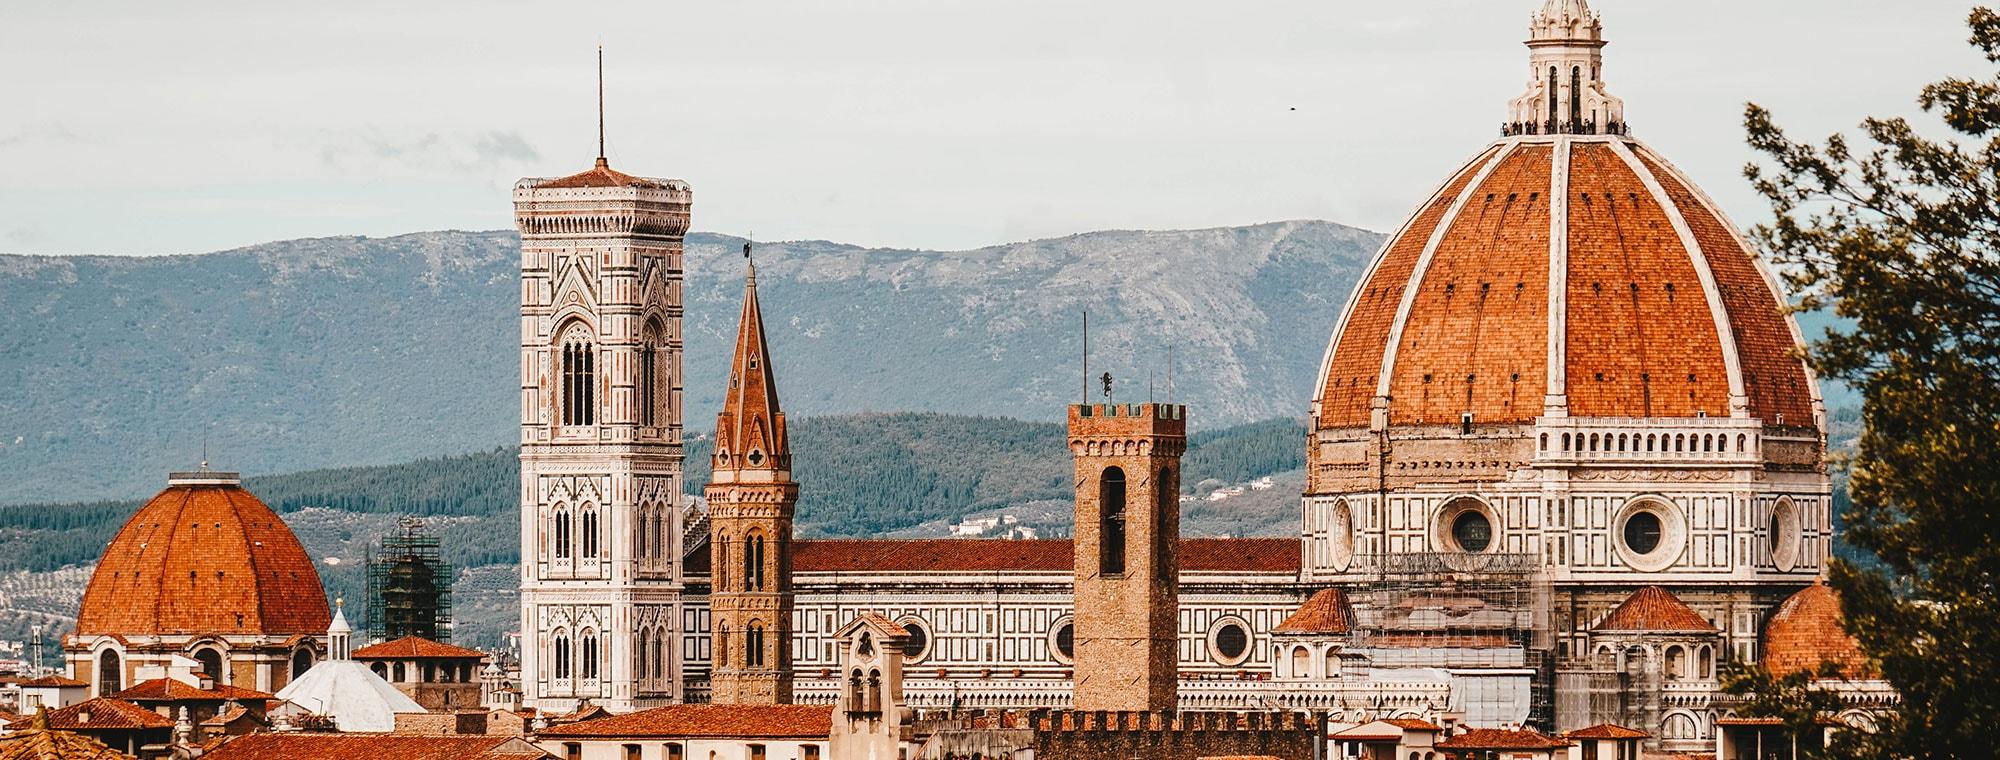 Dove dormire a Firenze?   Plus Hostels